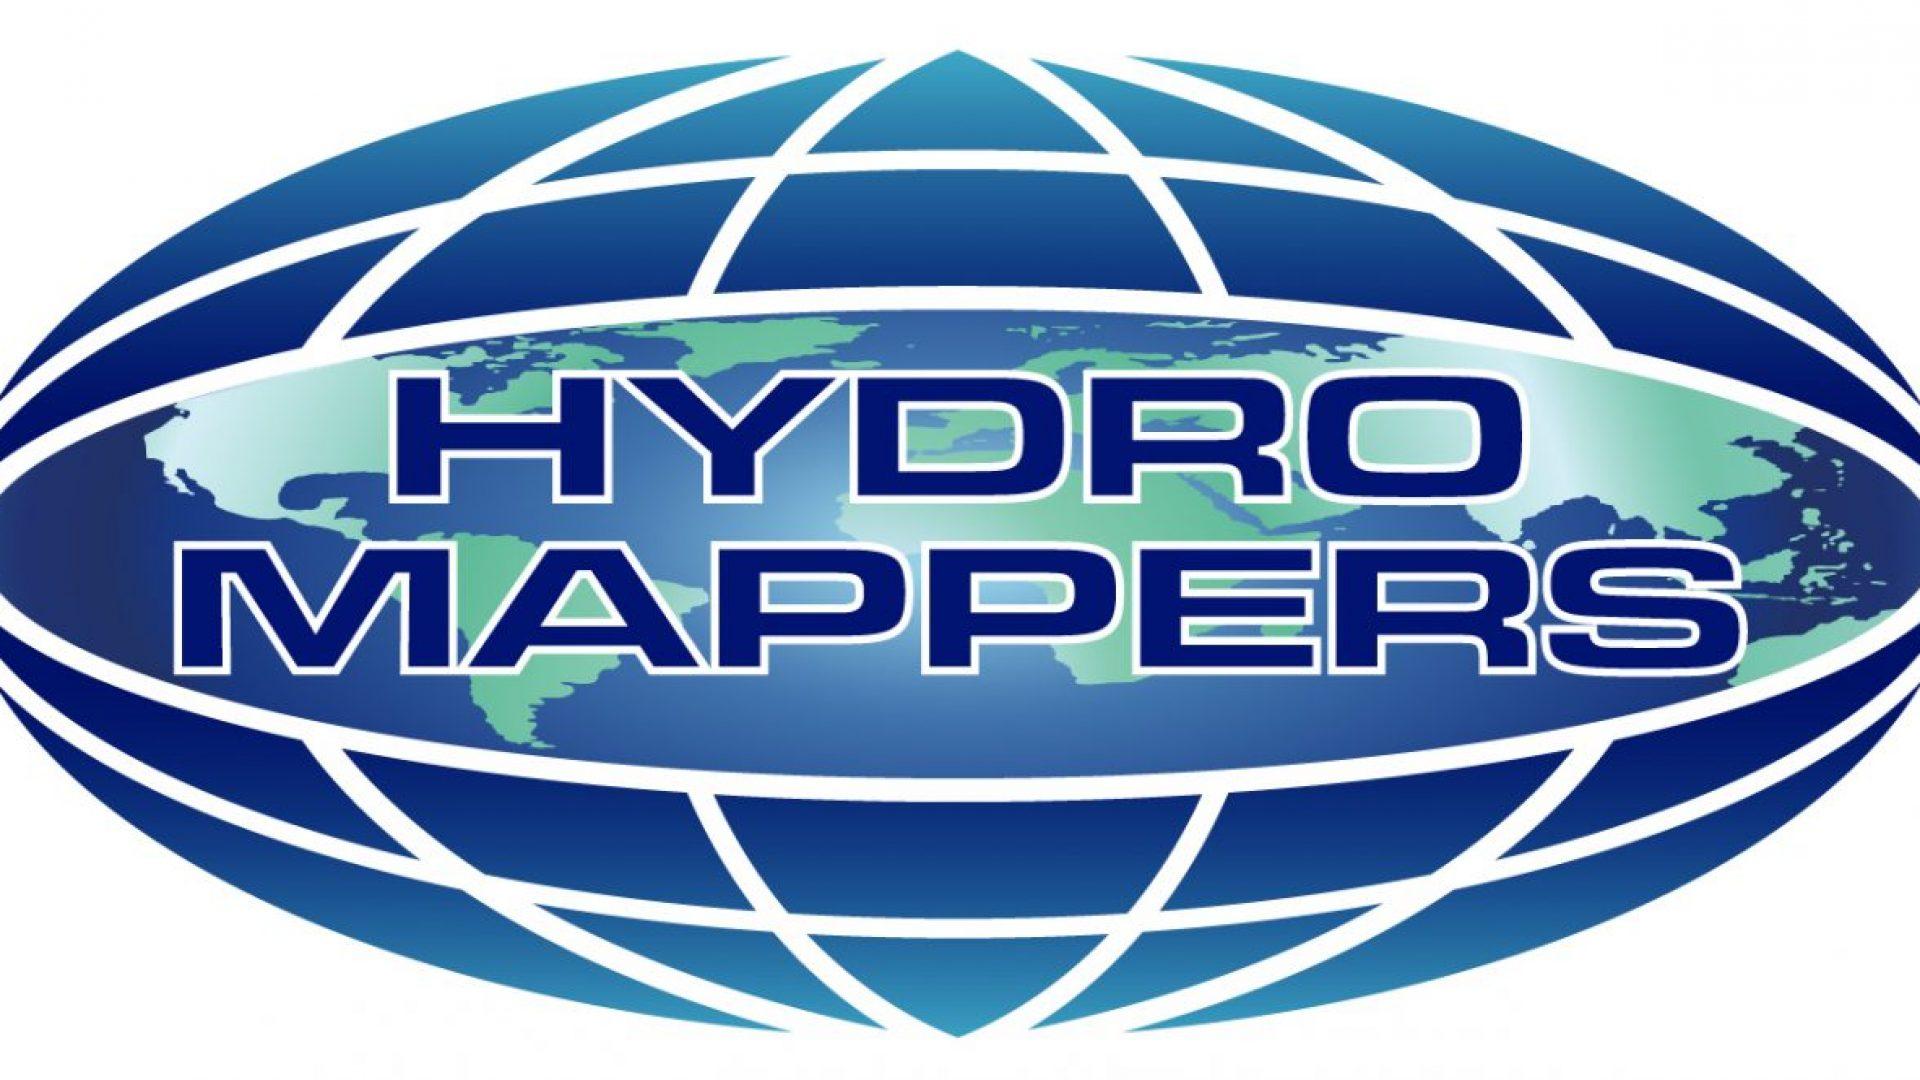 Hydromapper Sdn Bhd